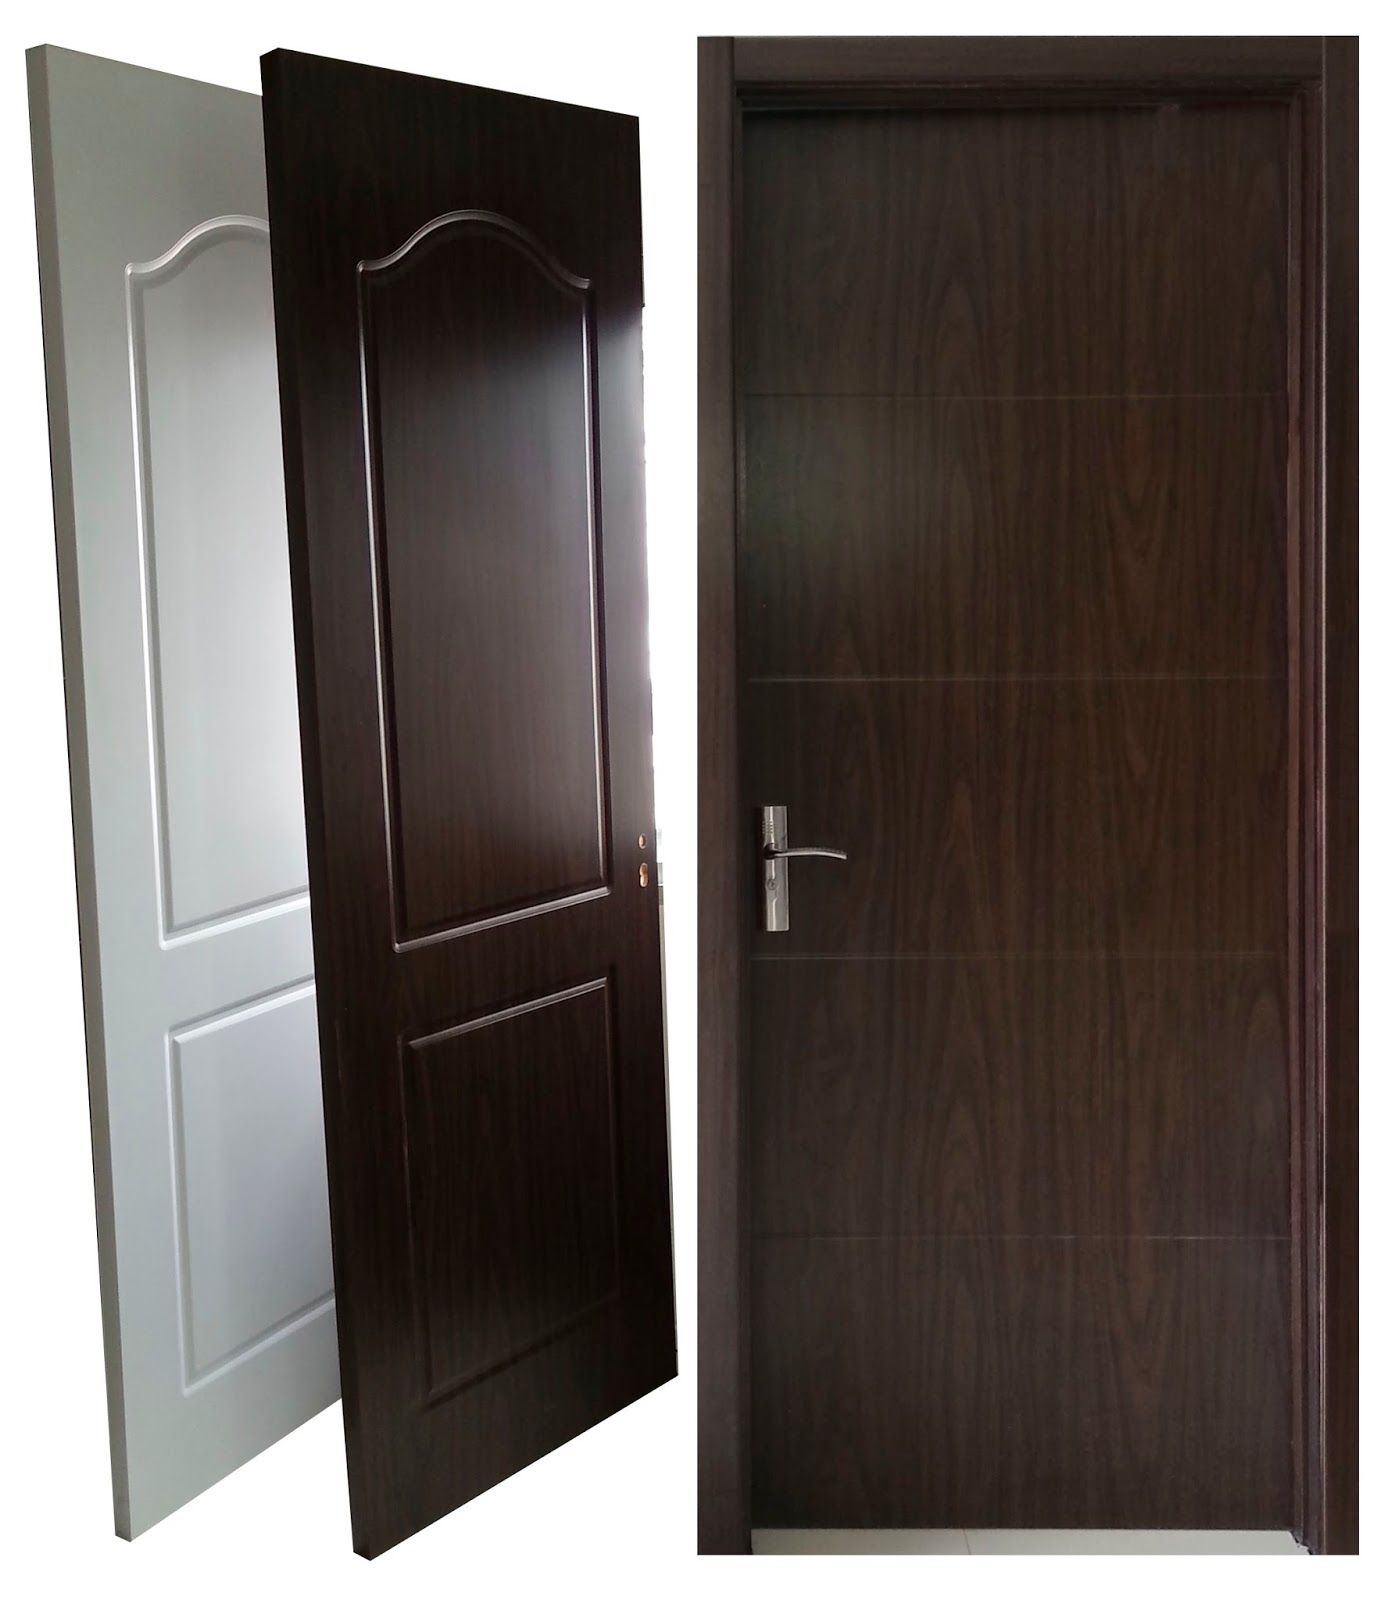 Puertas de seguridad estilo europeo ventanas de aluminio for Medidas puertas interior